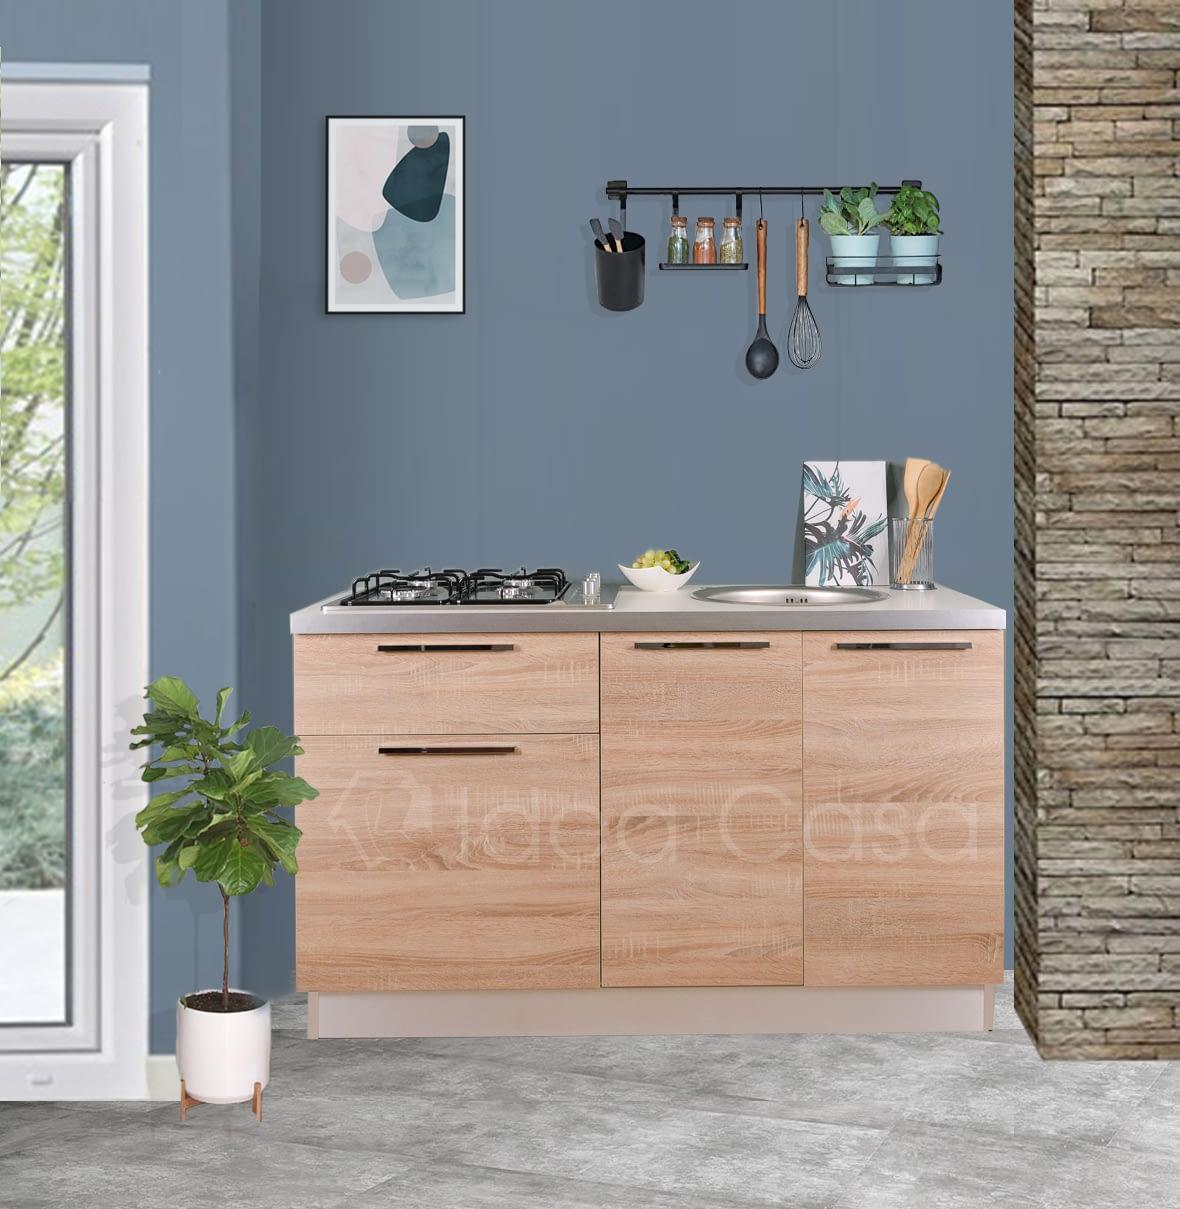 Base Mini Cucina Emy 140 Cm V3 Idea Casa Arredamenti